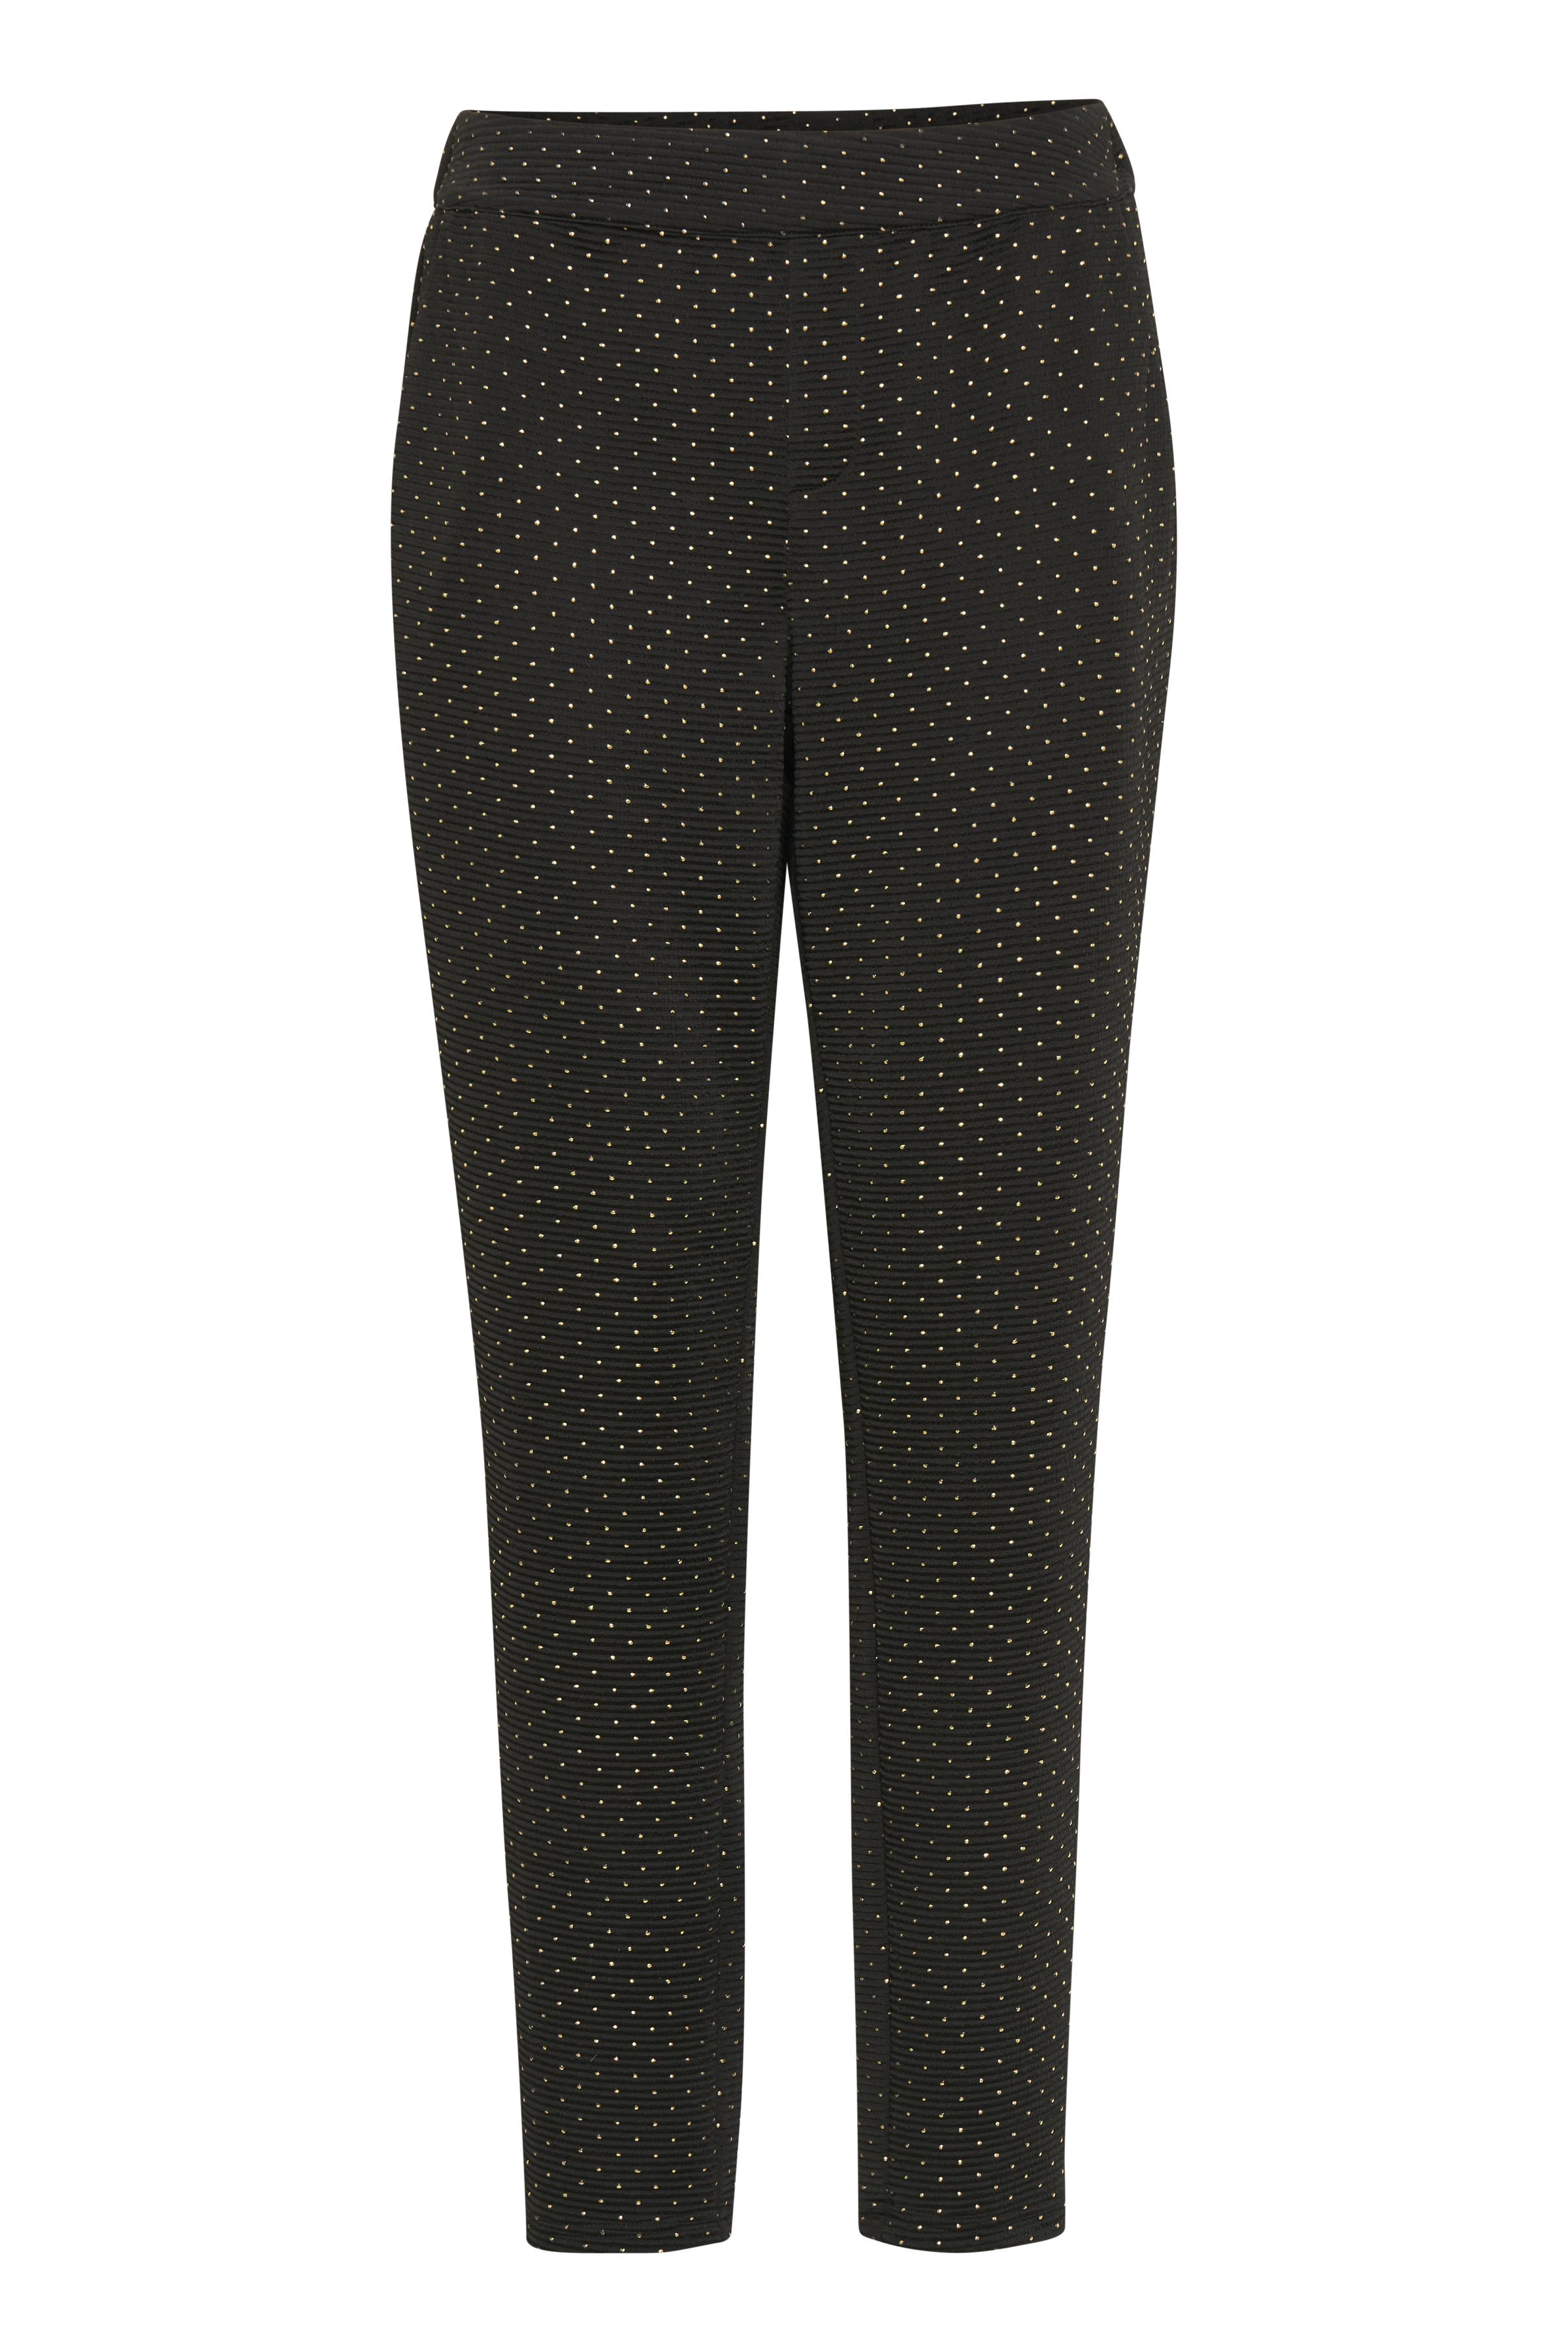 Sort Casual bukser fra Pulz Jeans – Køb Sort Casual bukser fra str. XS-XXL her